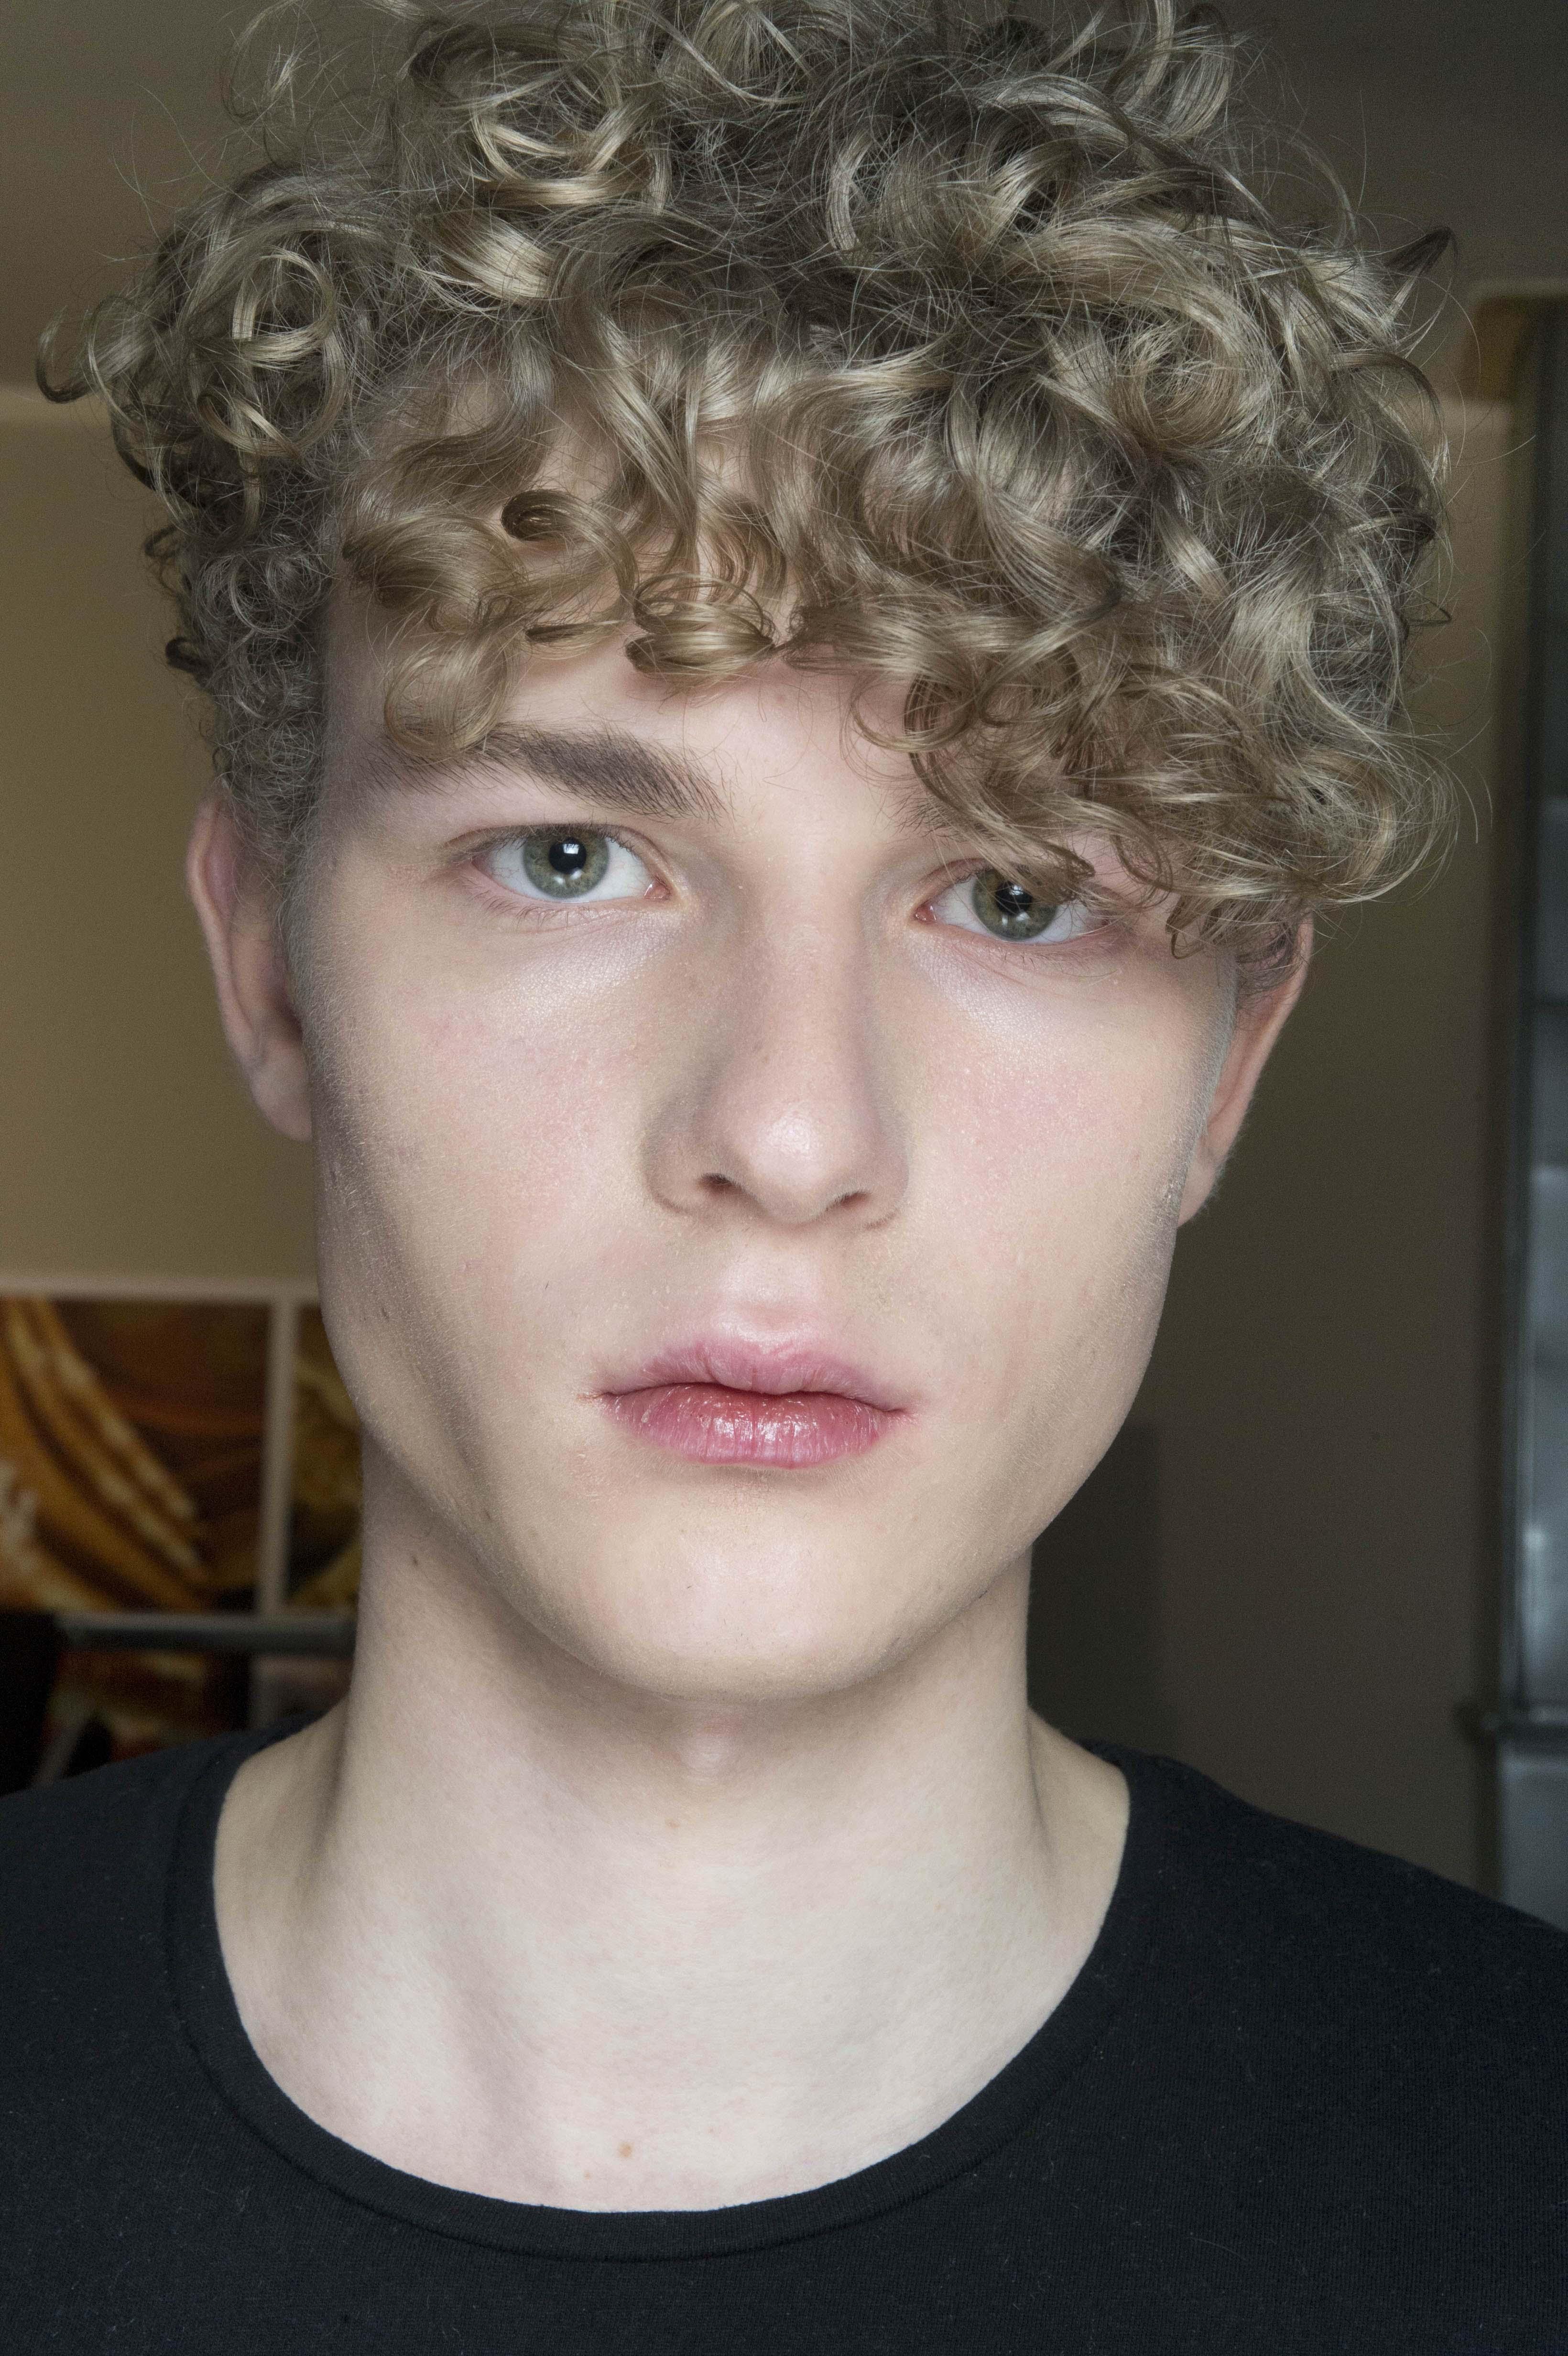 Pria dengan model rambut curly undercut.